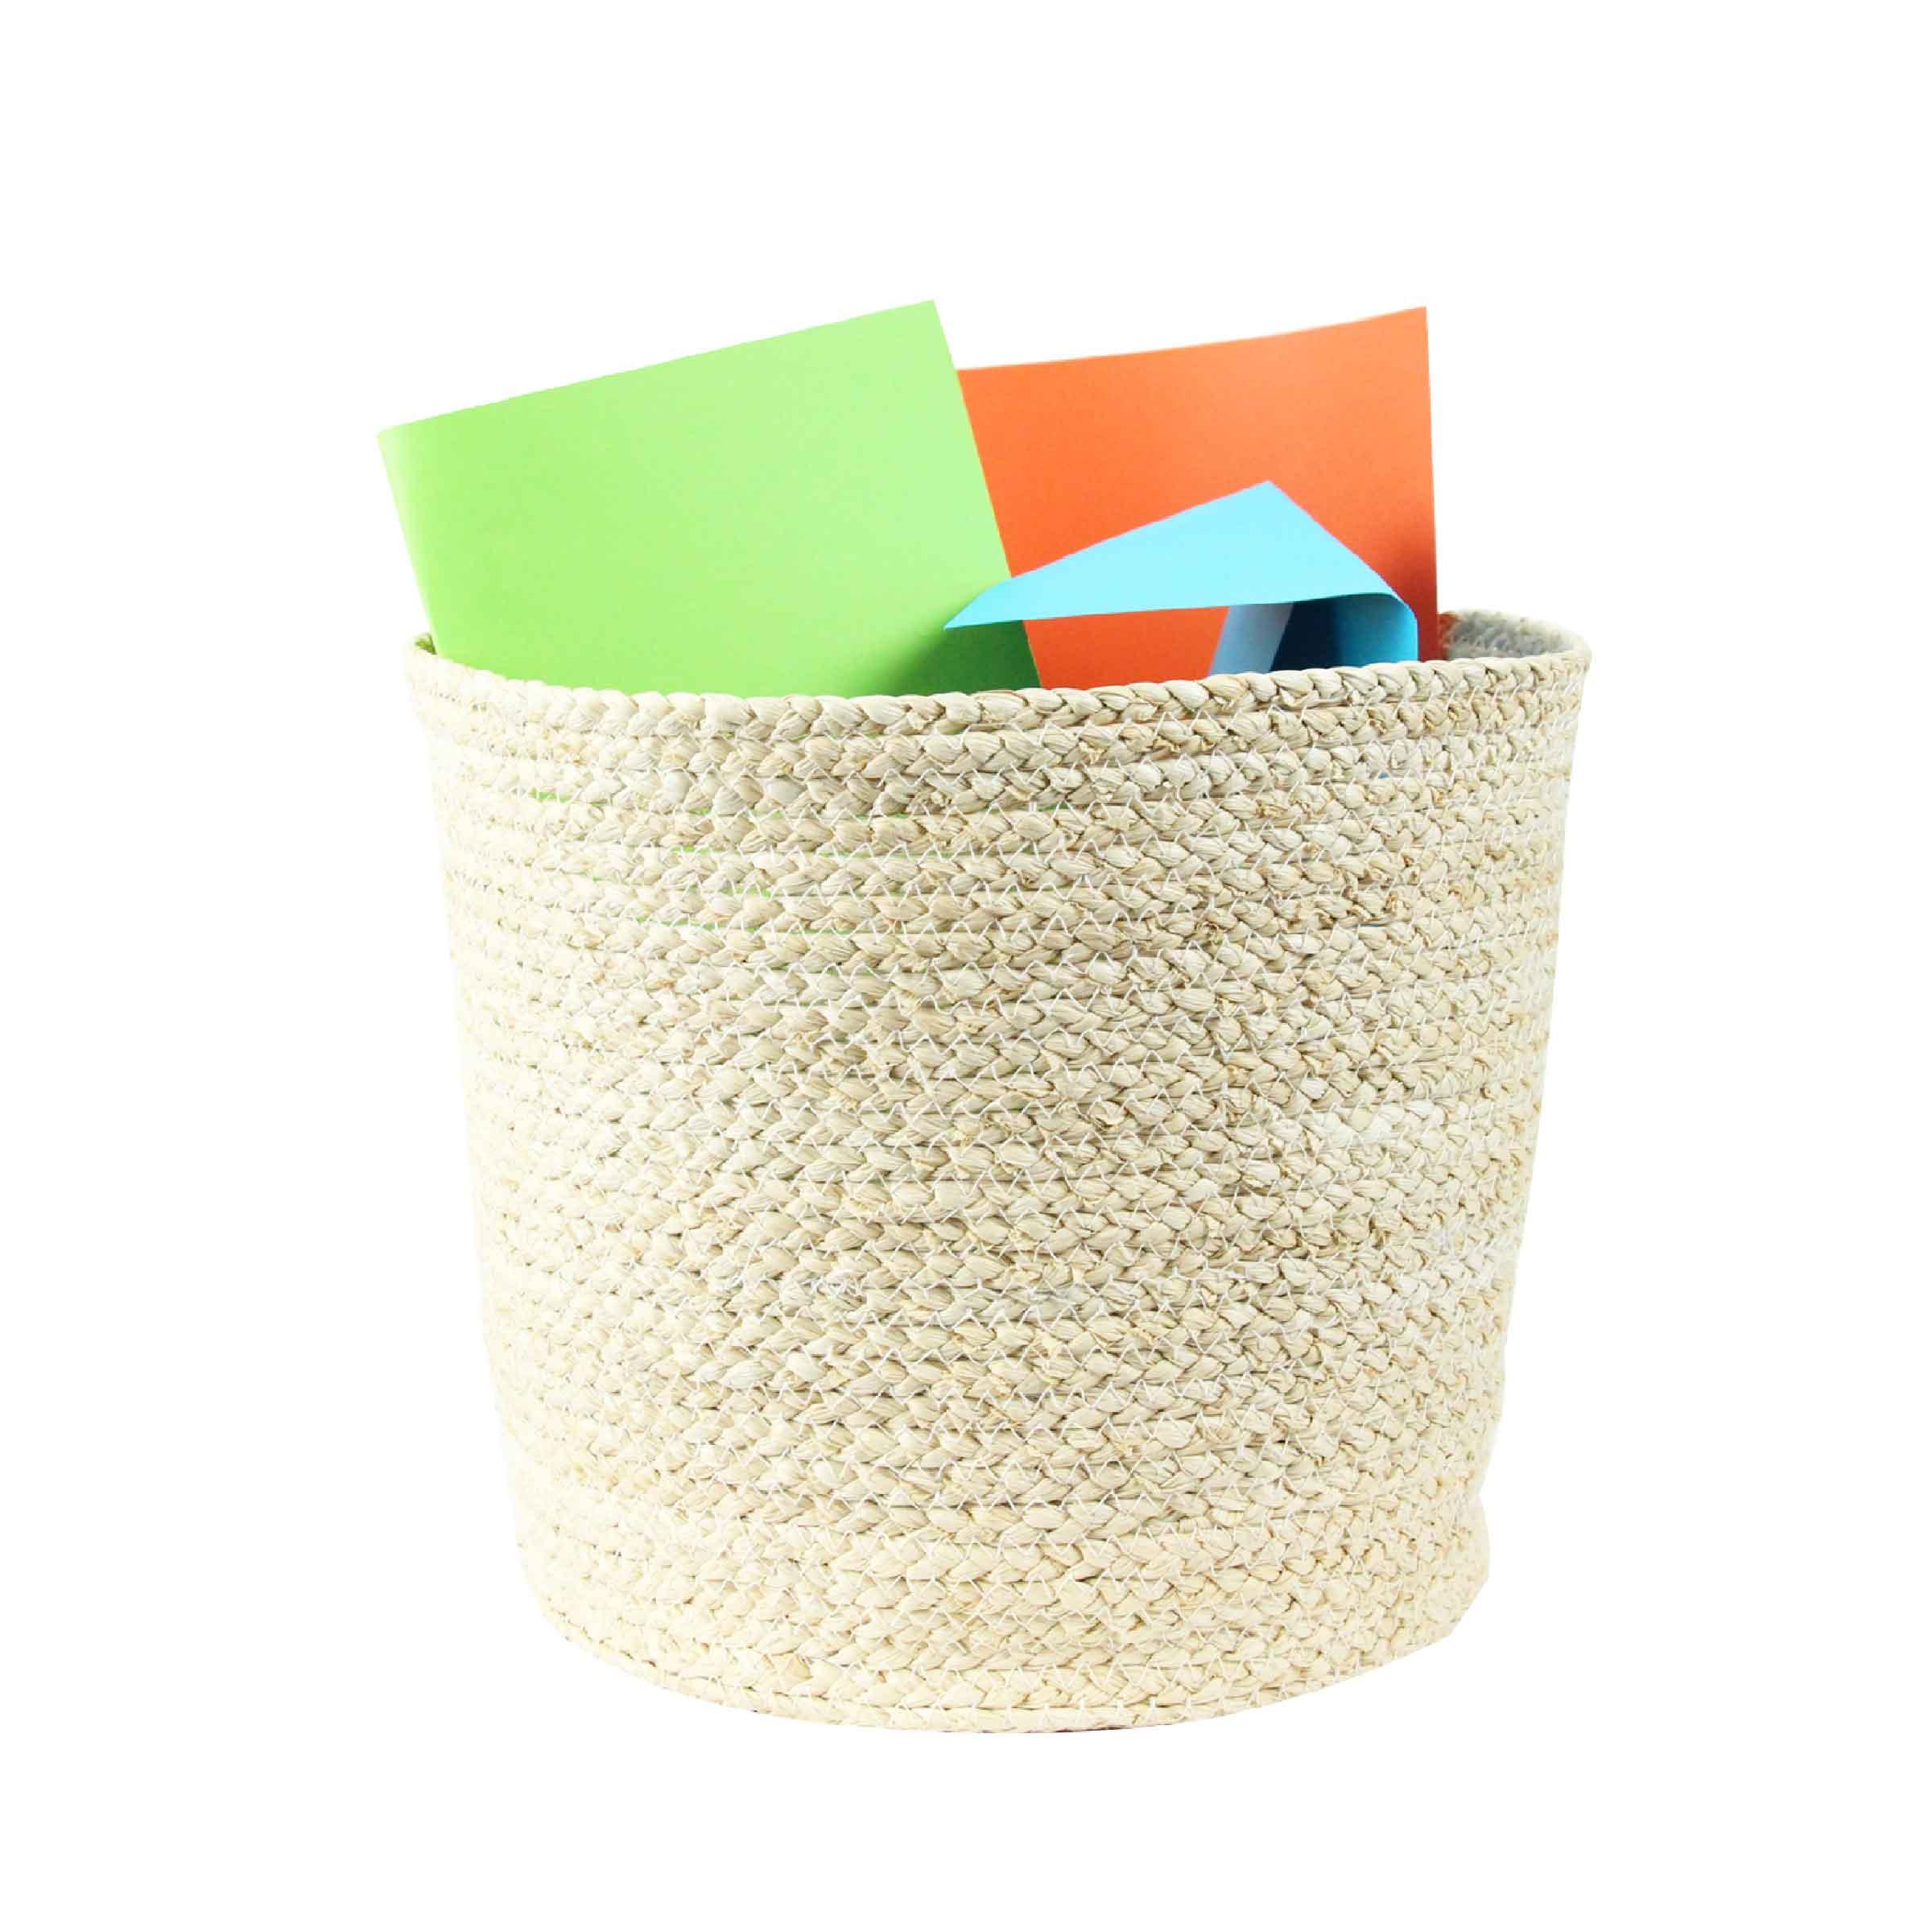 Corbeille à papier en fibre de maïs souple couleur naturelle